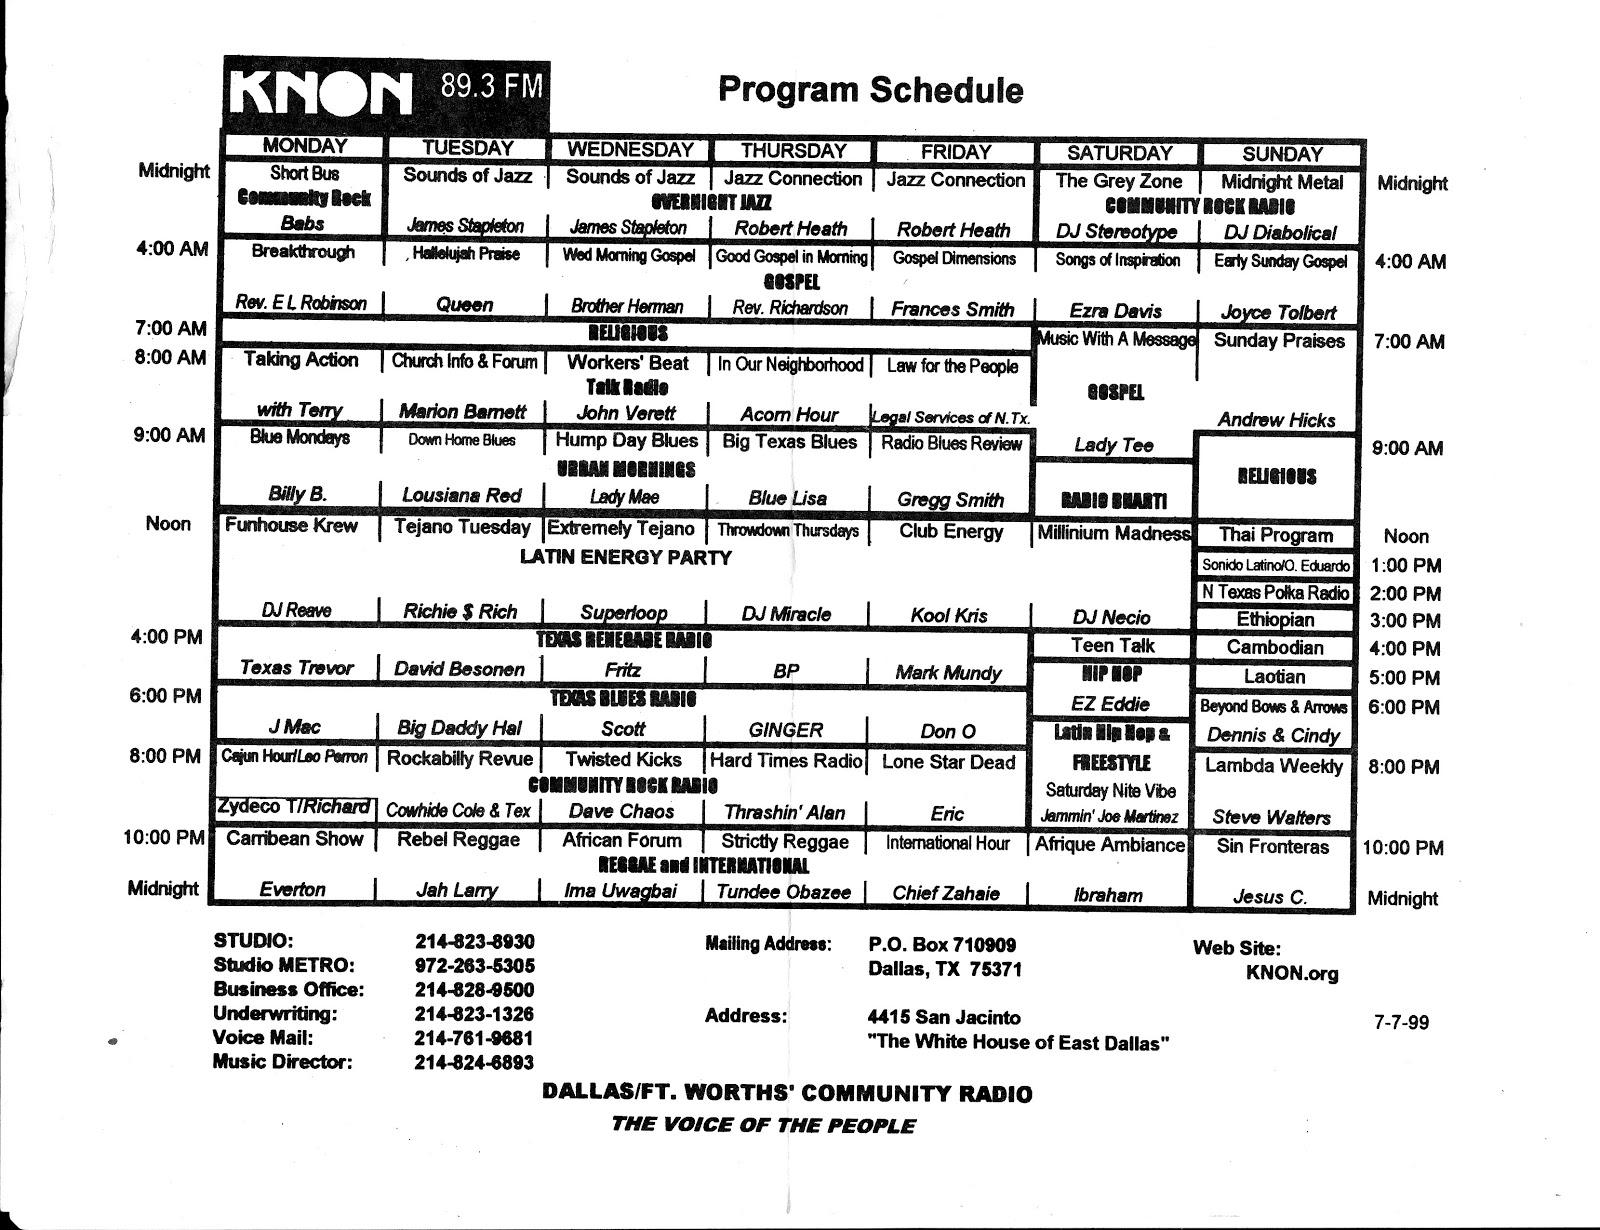 knon-schedule-990707